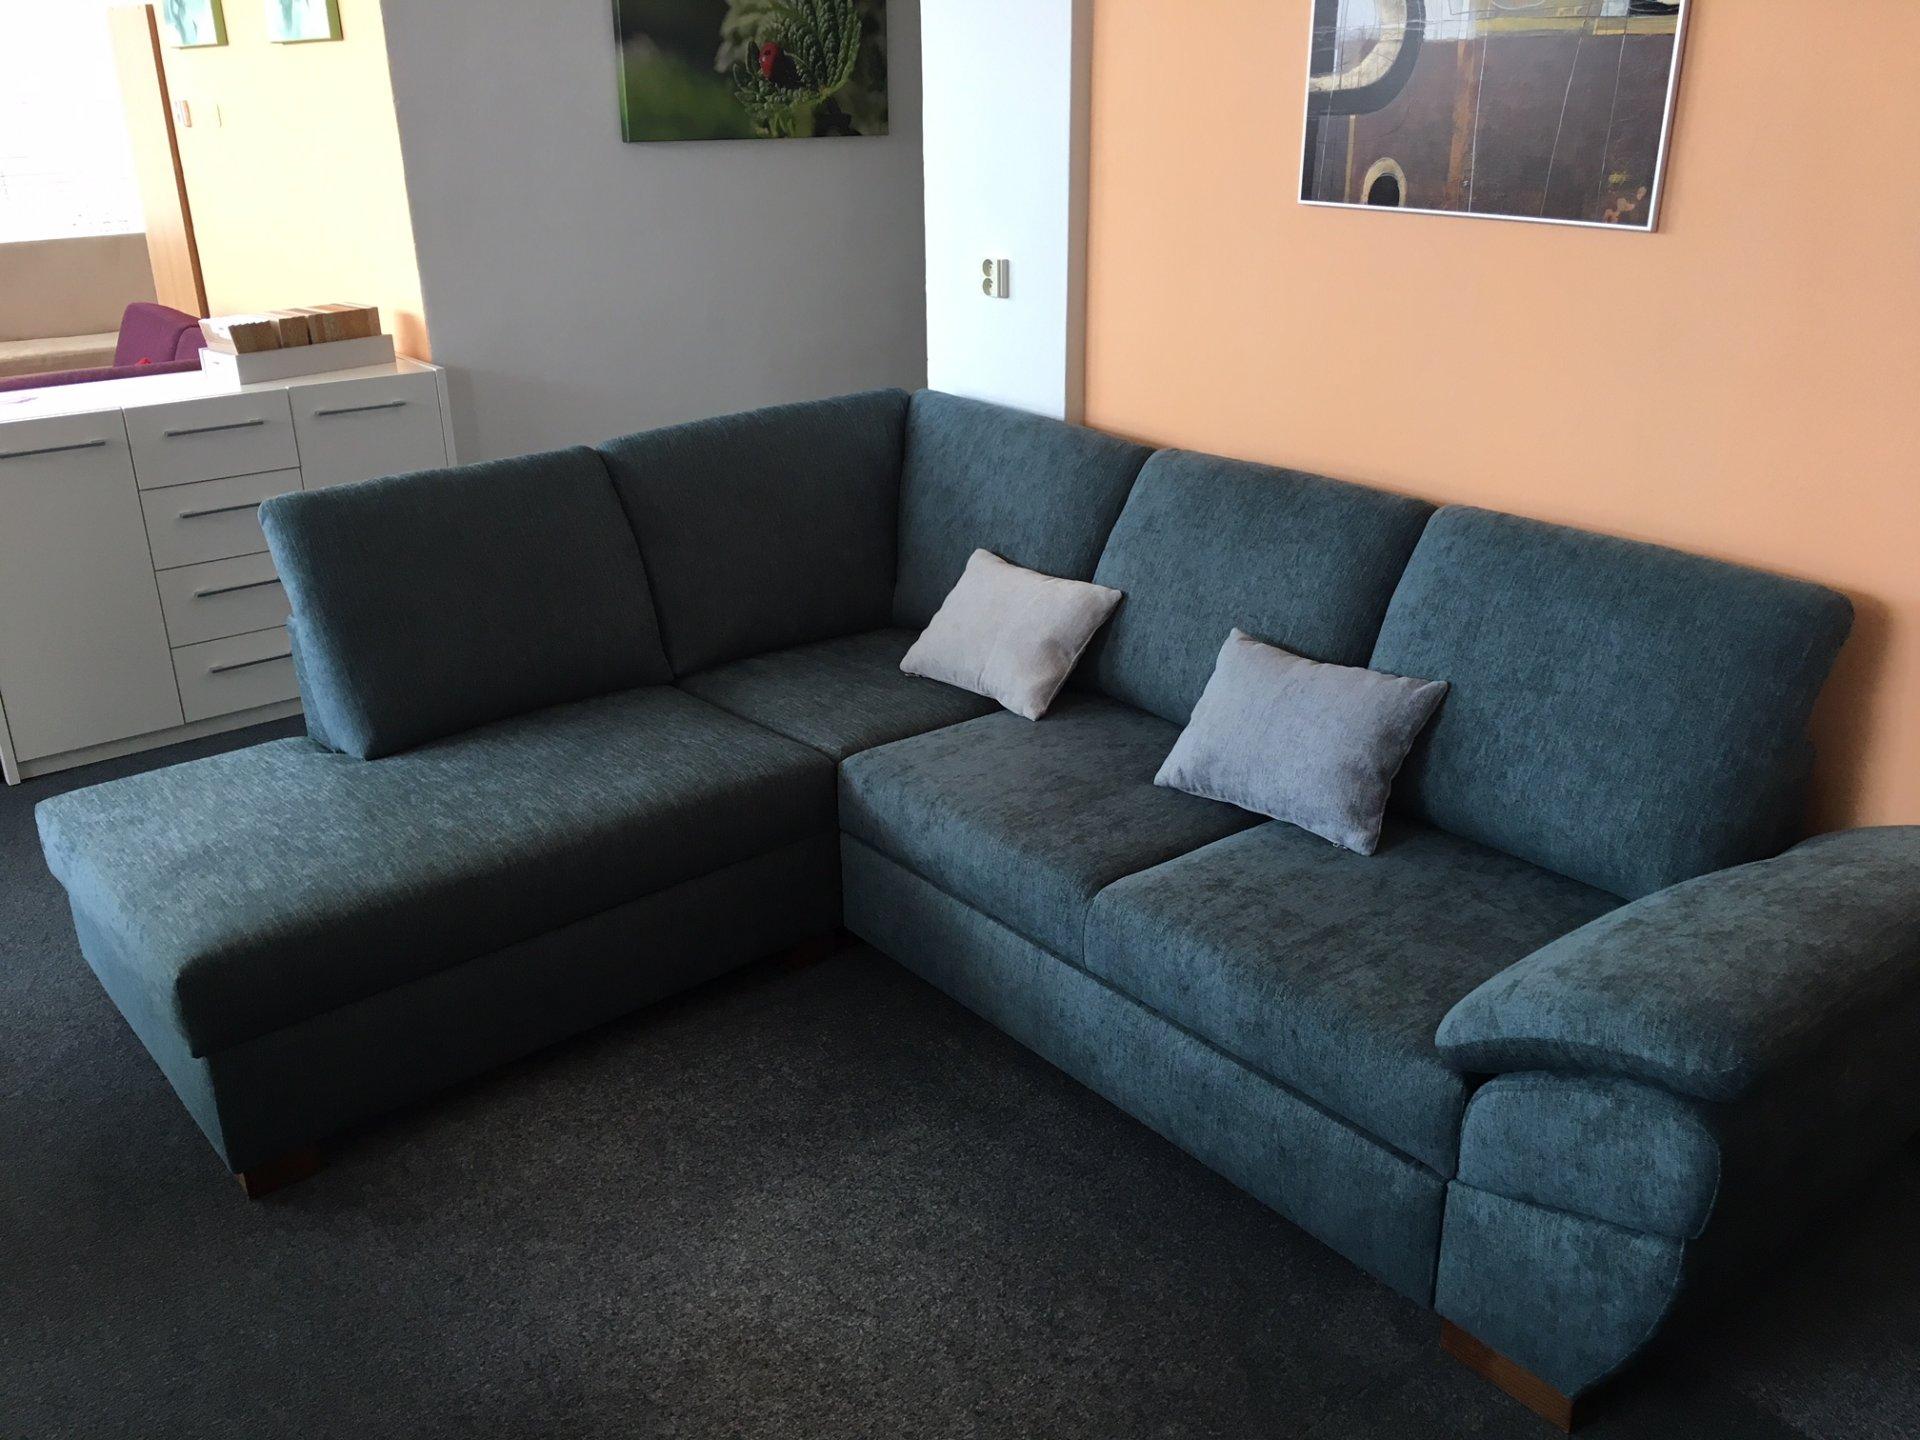 Moderní pohodlná sedací souprava